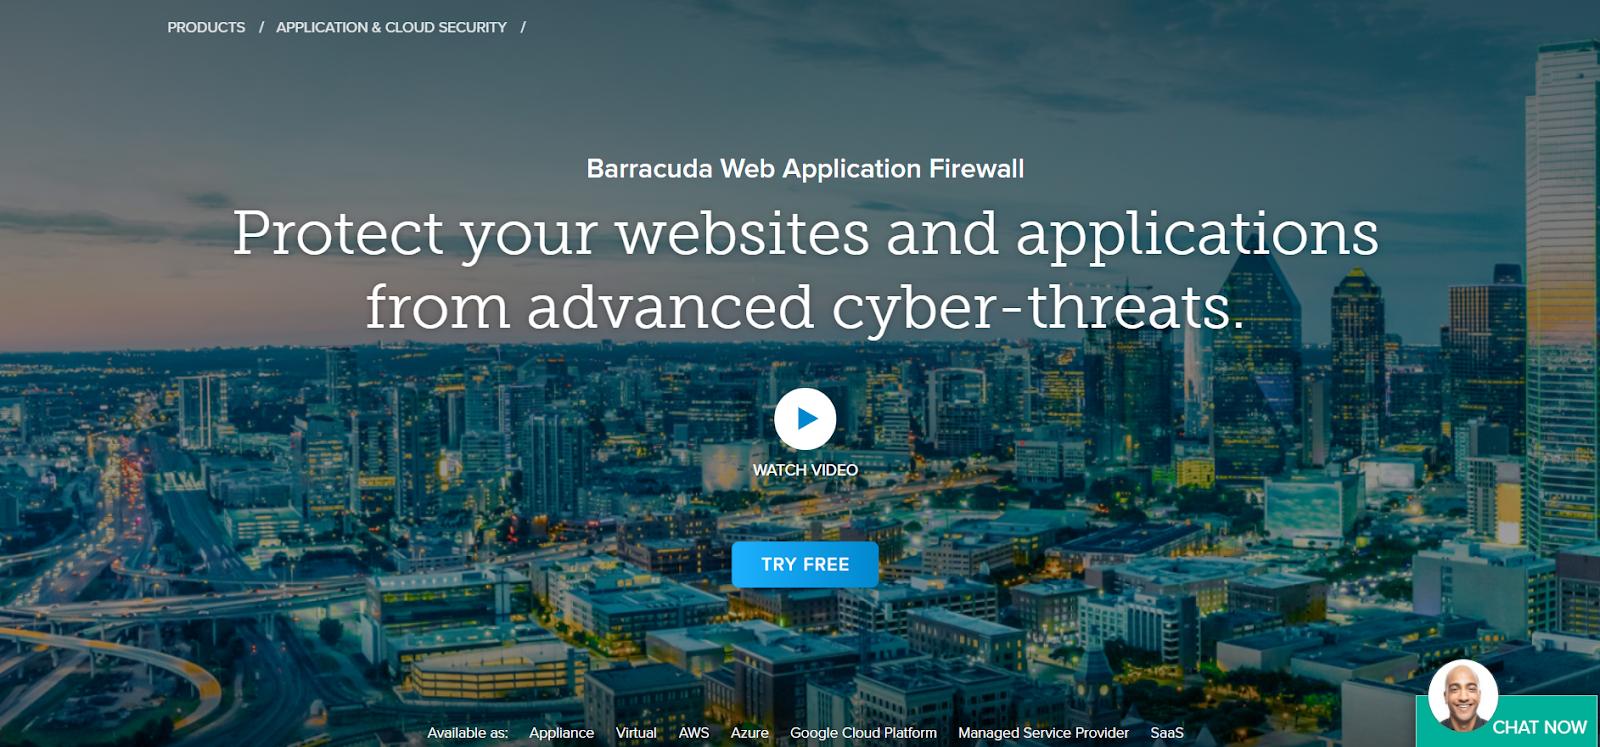 Barracuda is a Web Application Firewall Application